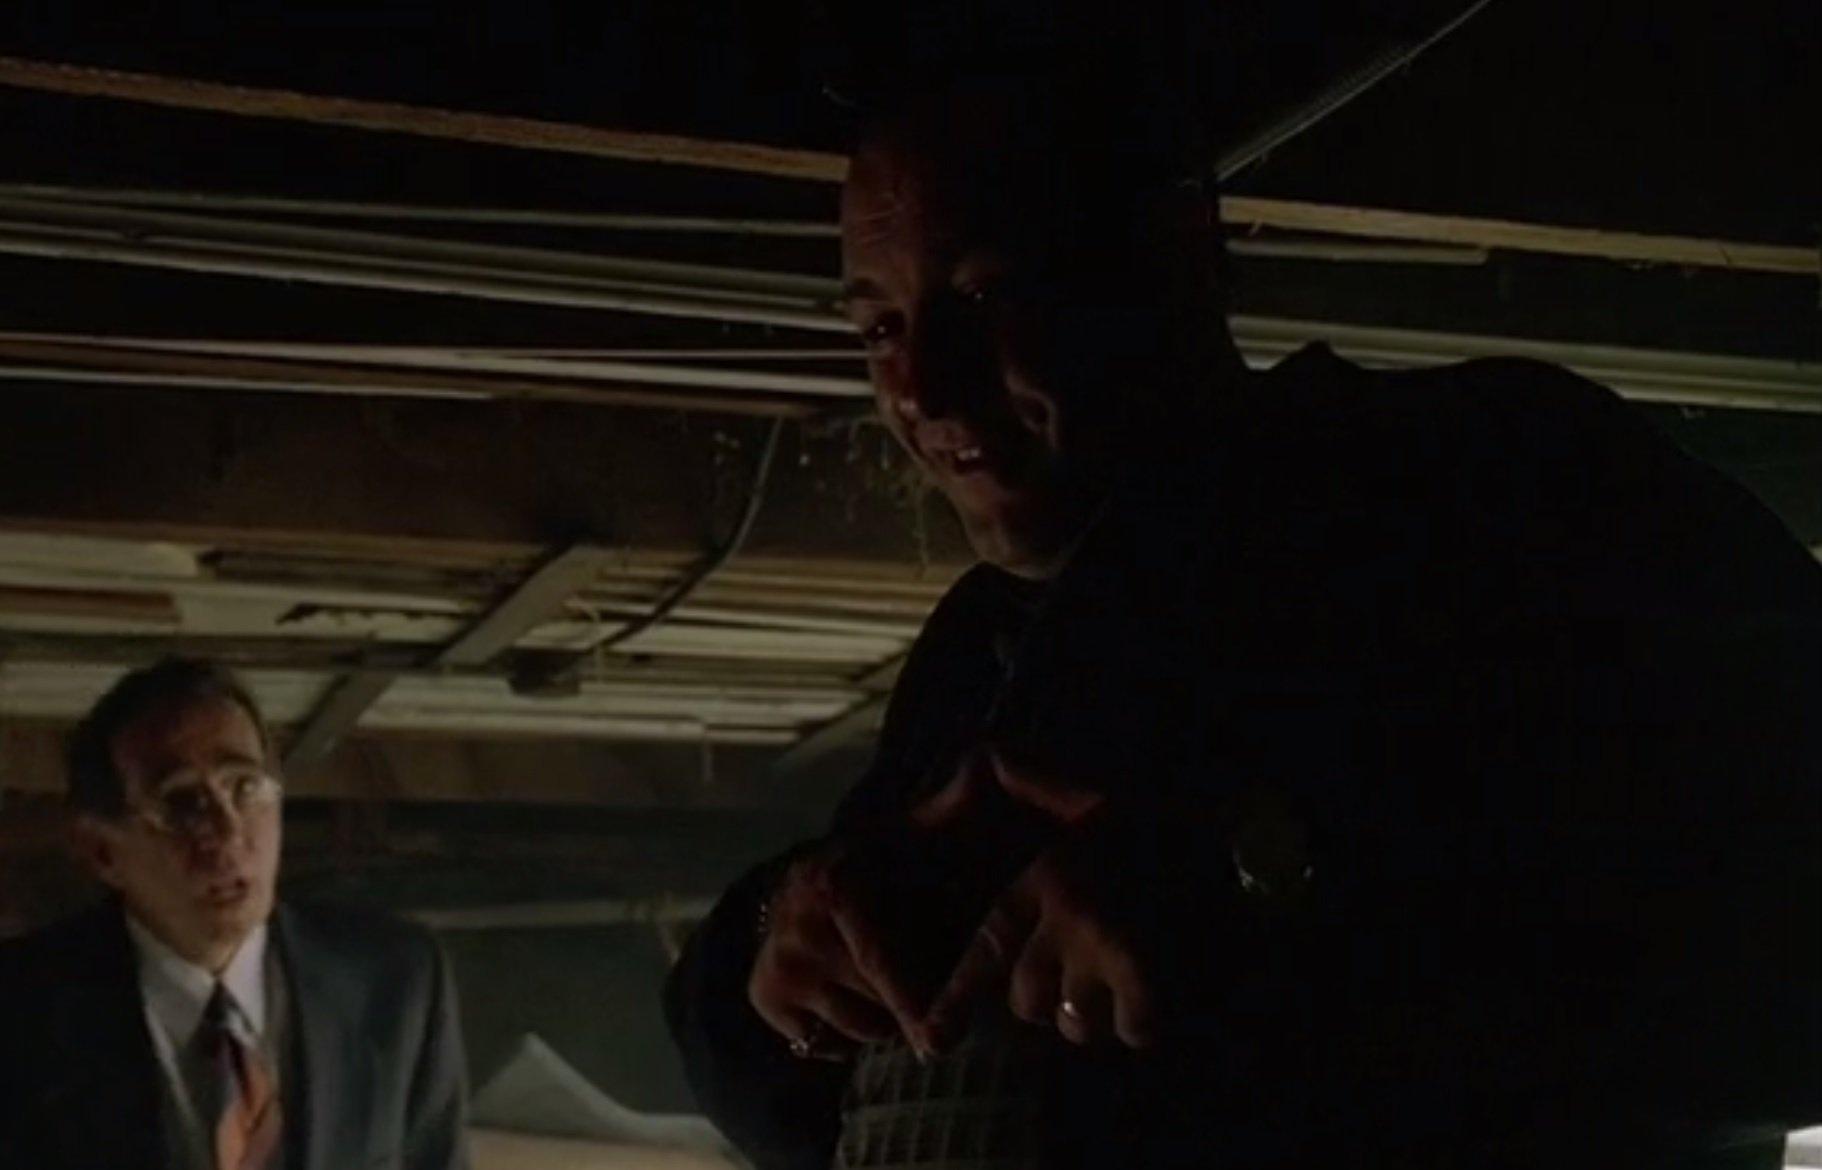 Sopranos FBI scene